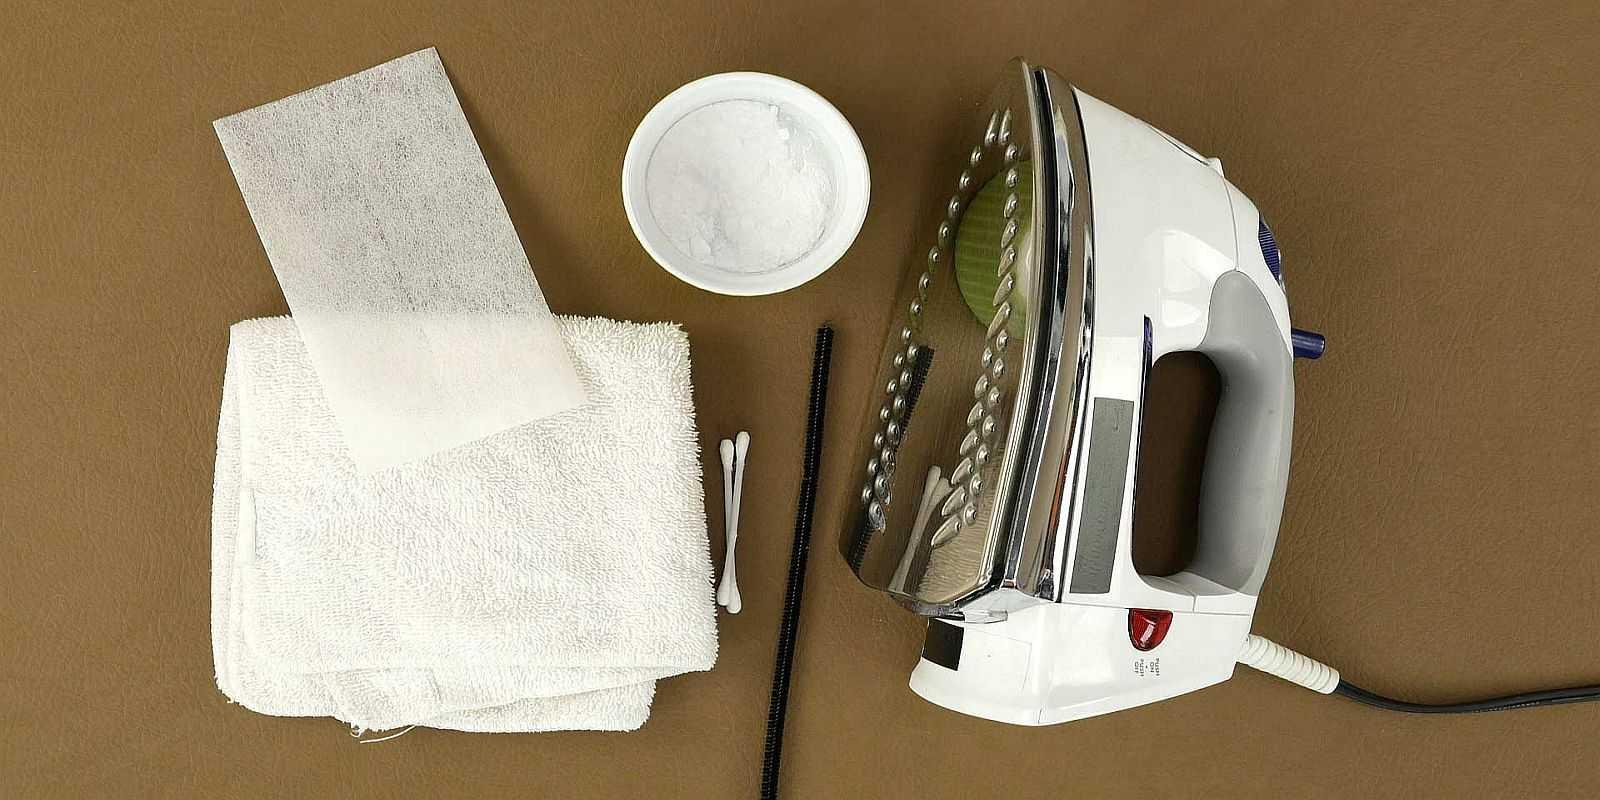 Как почистить утюг от накипи нагара в домашних условиях + фото - видео